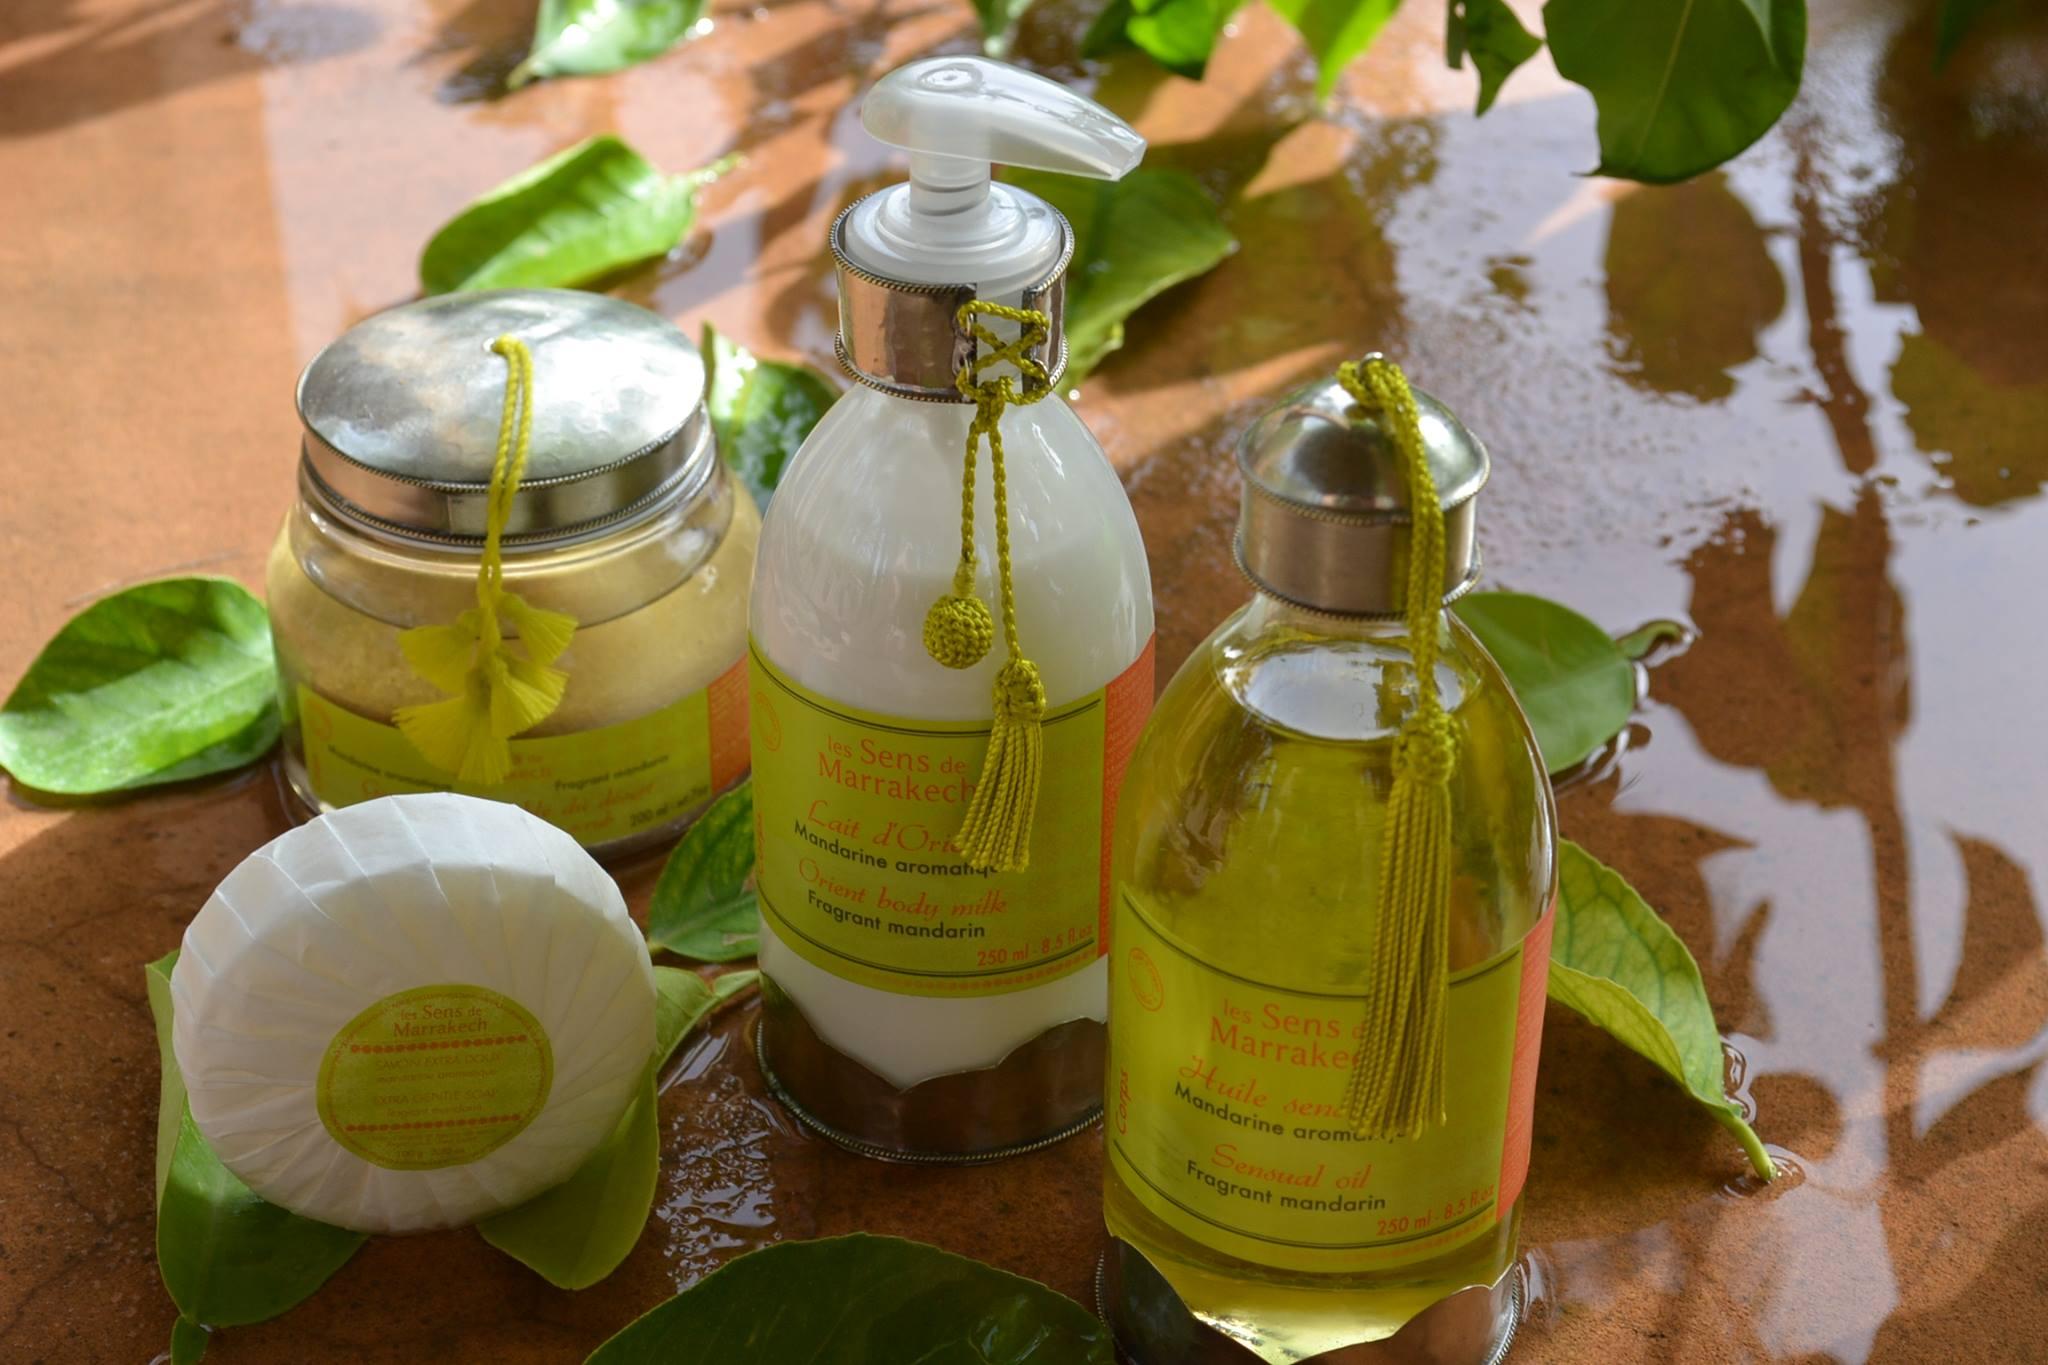 les-sens-de-marrakech-cadeau-cosmetiques-maroc-marocain-hammam-avis-test